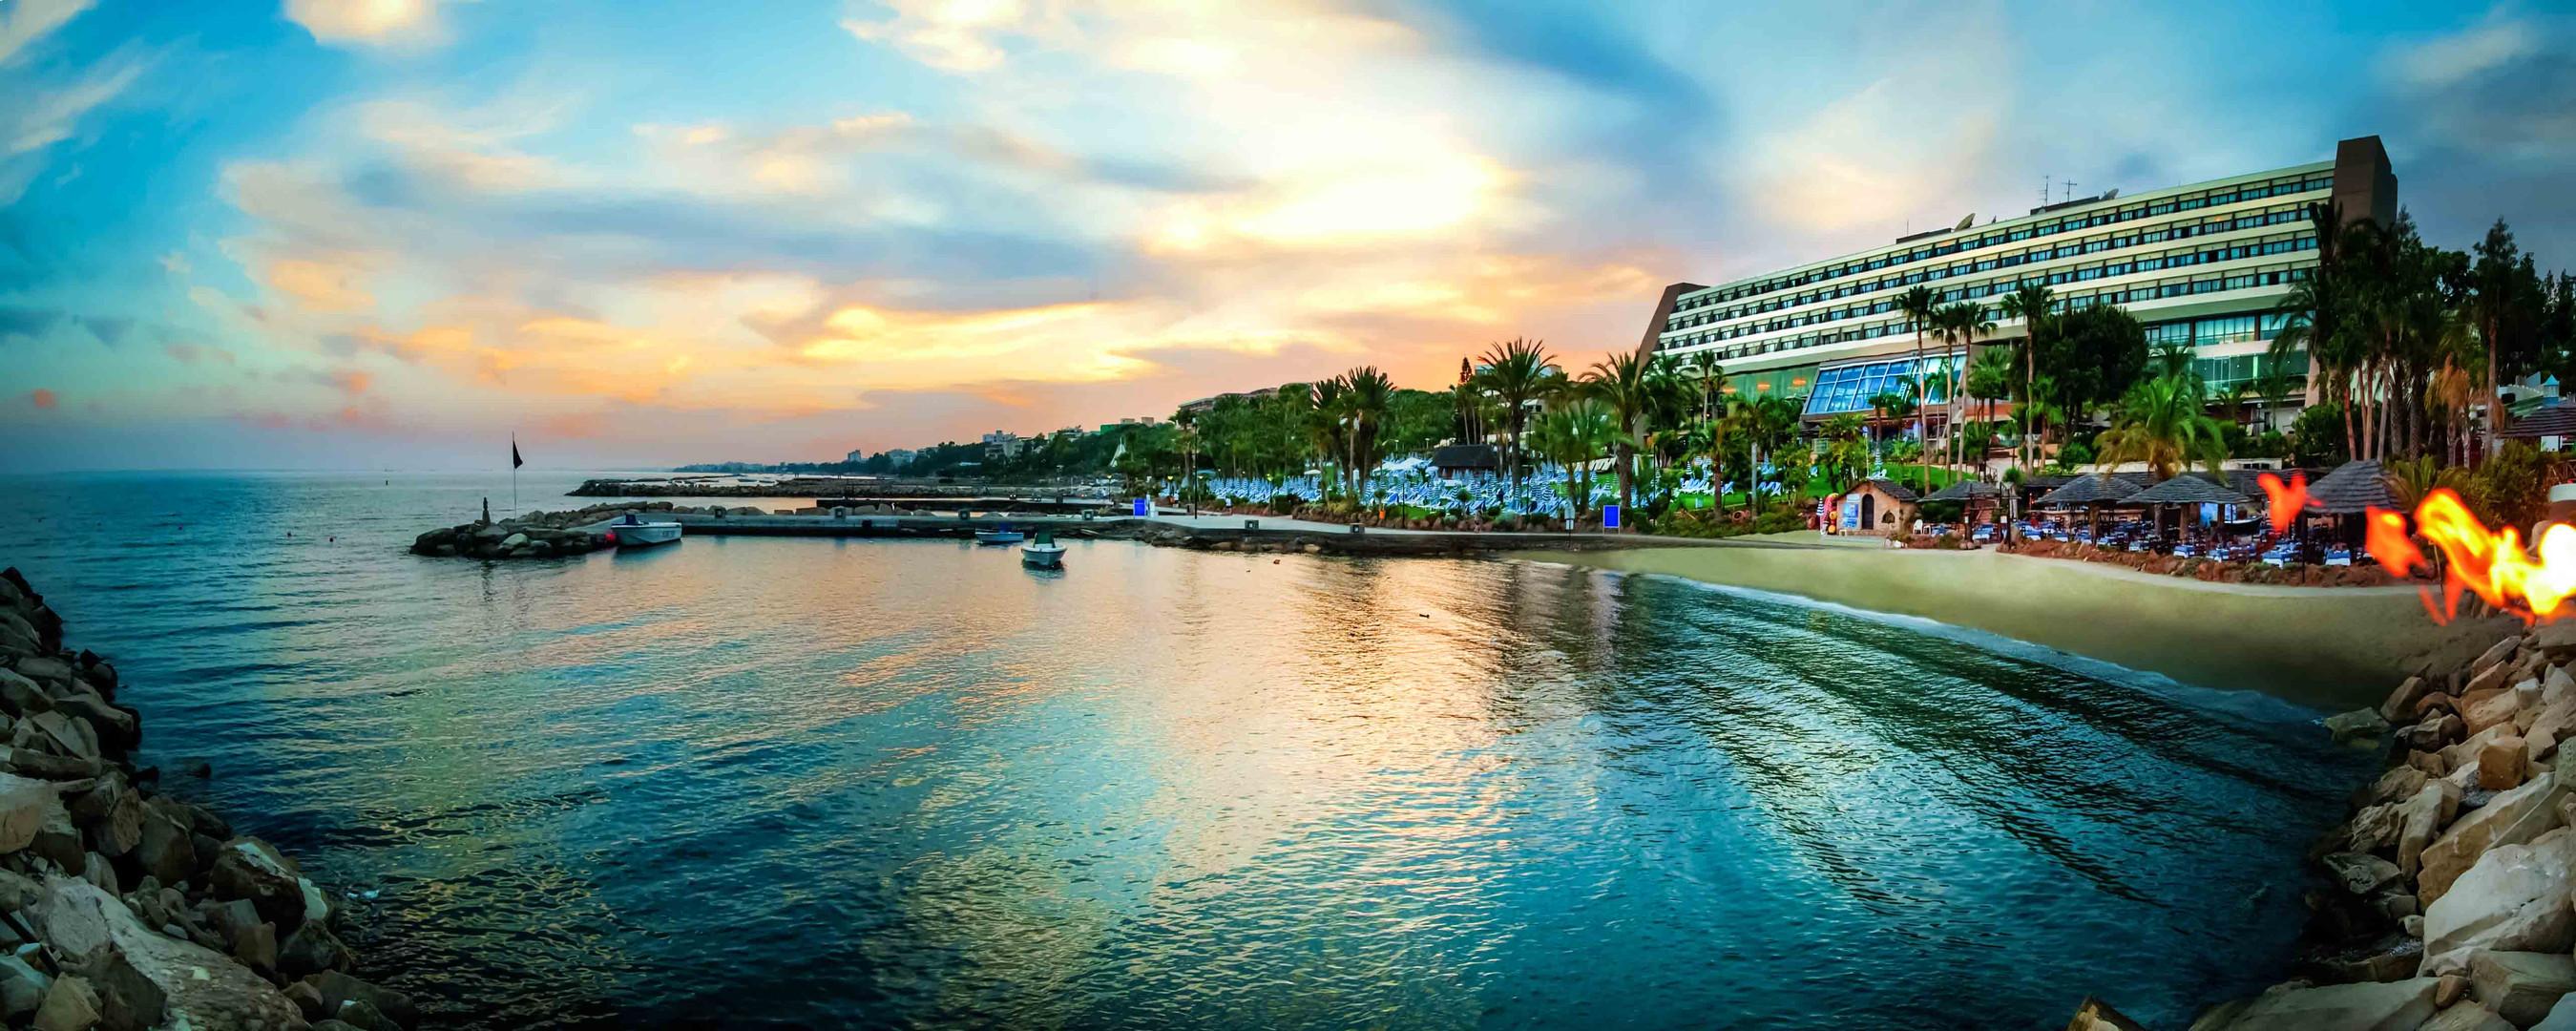 Valentines-Day-Package-Cyprus.jpg